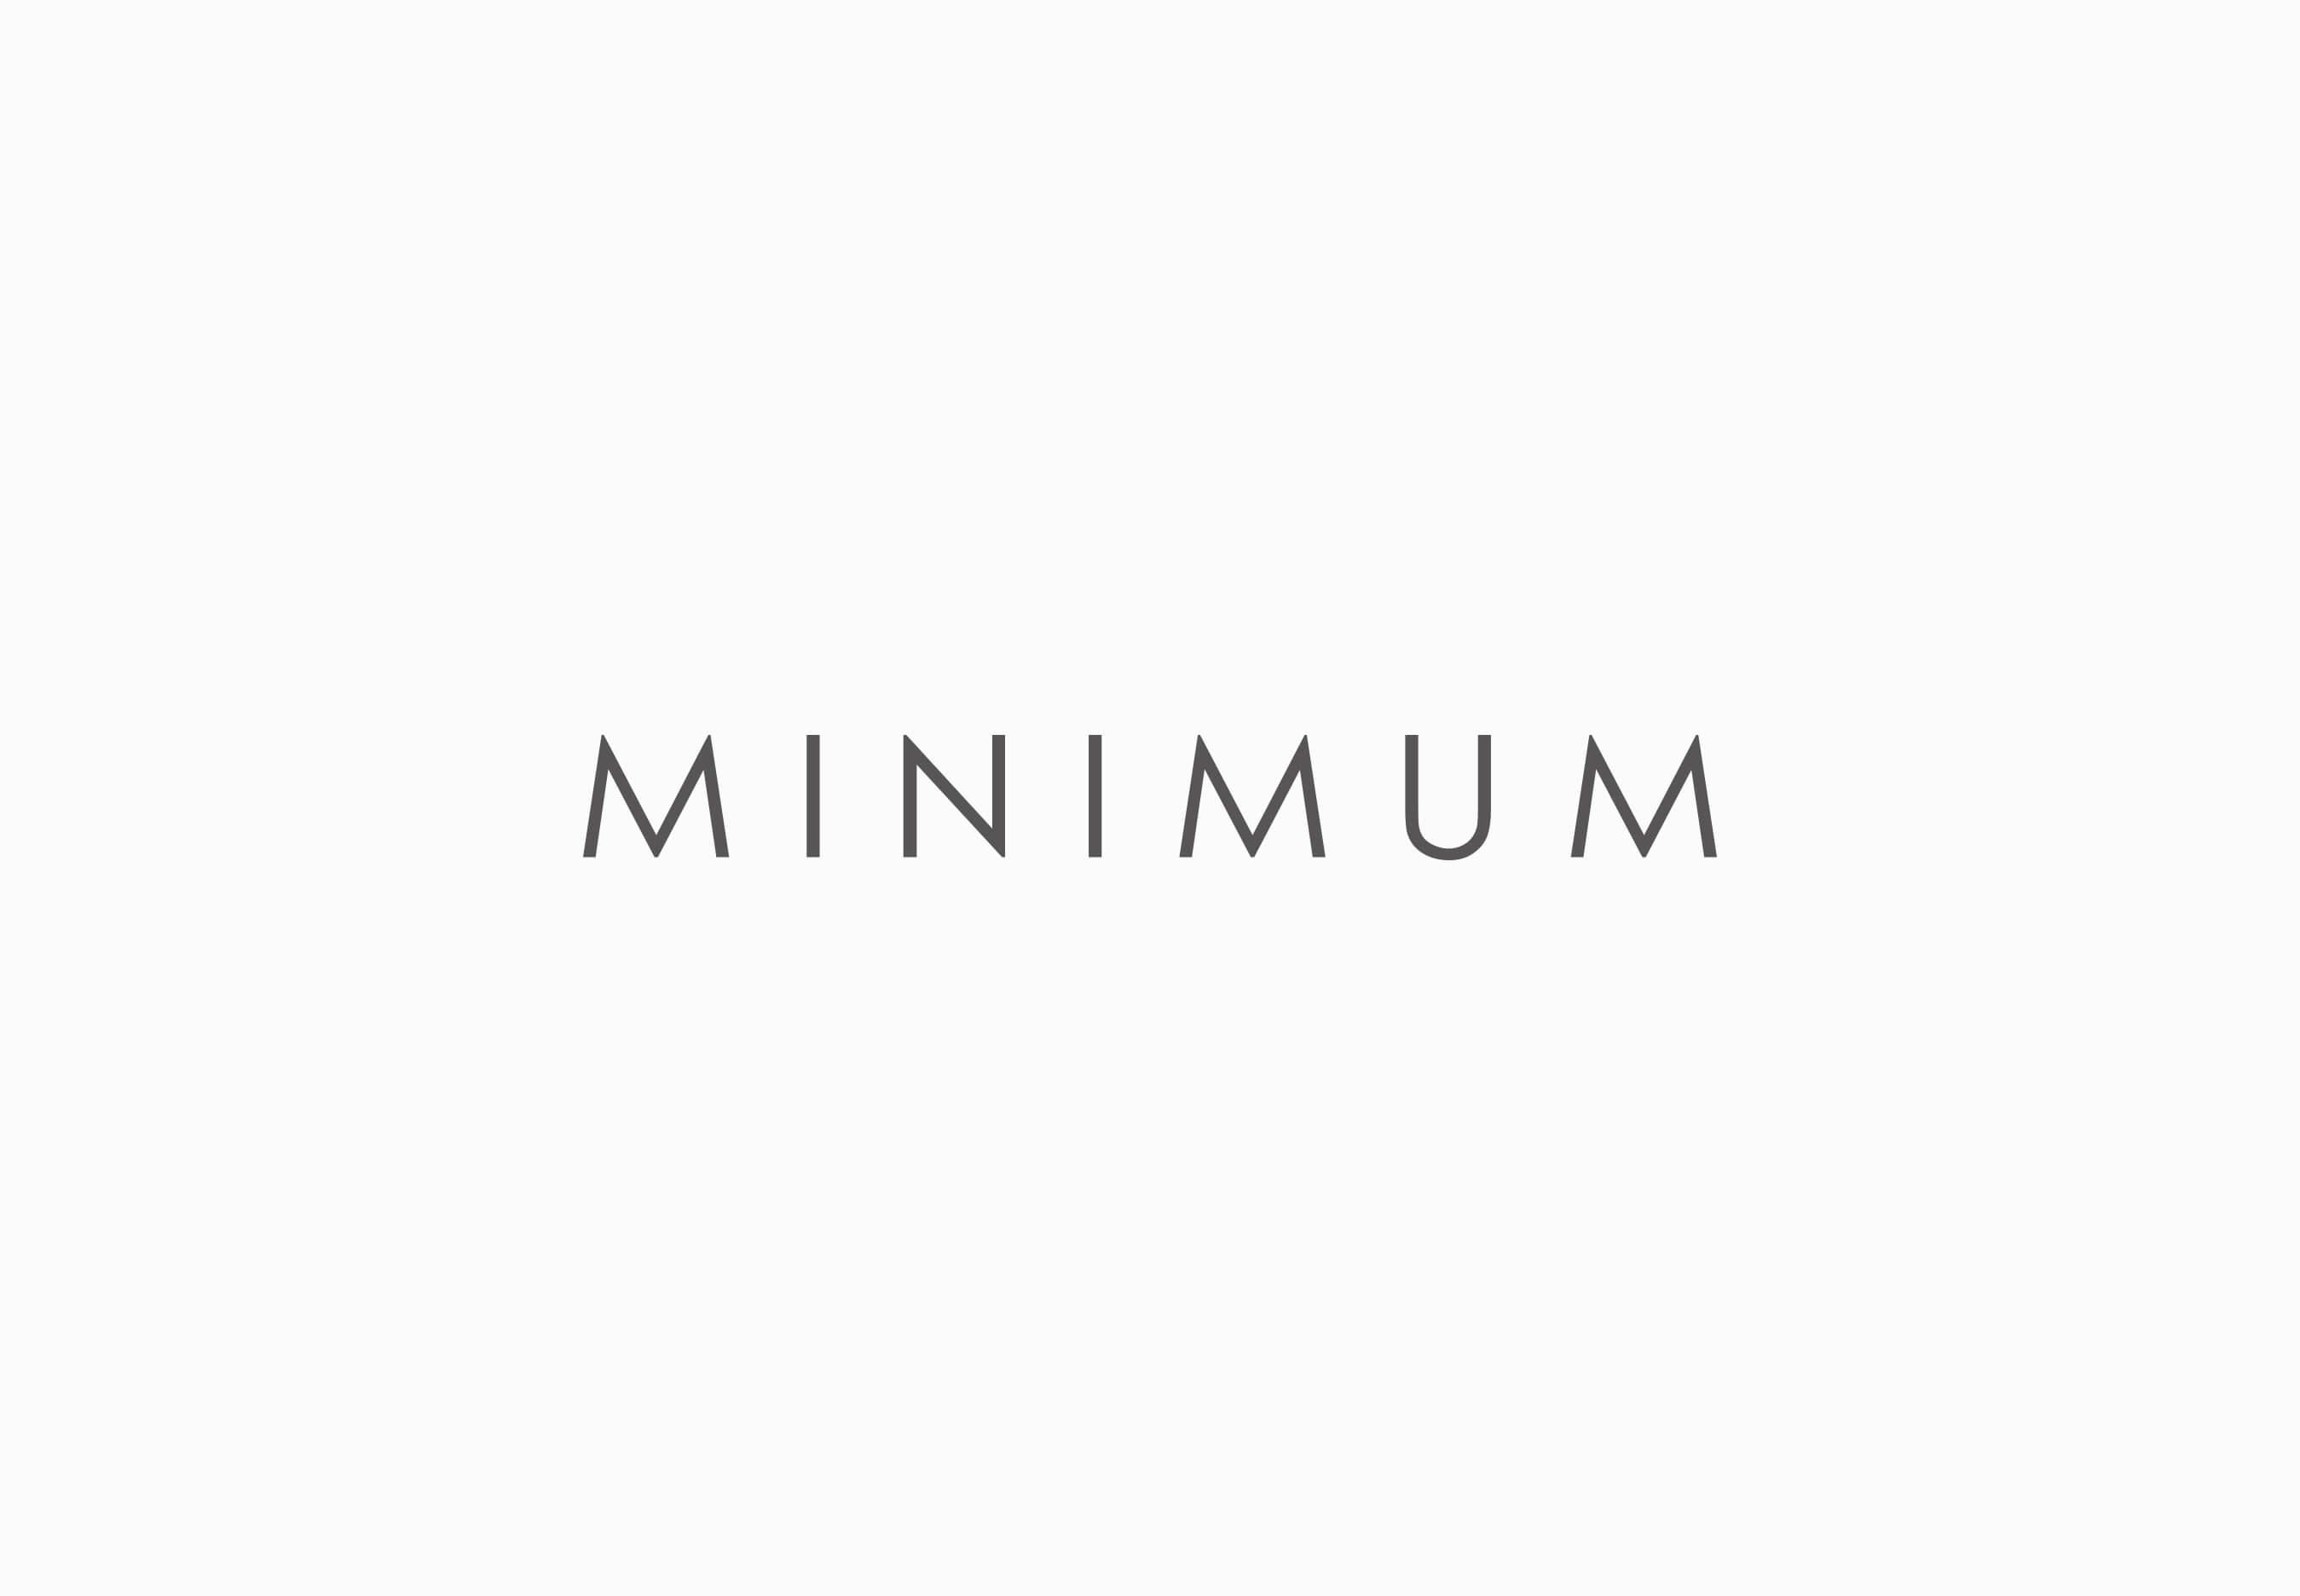 minimum_handmade_typo